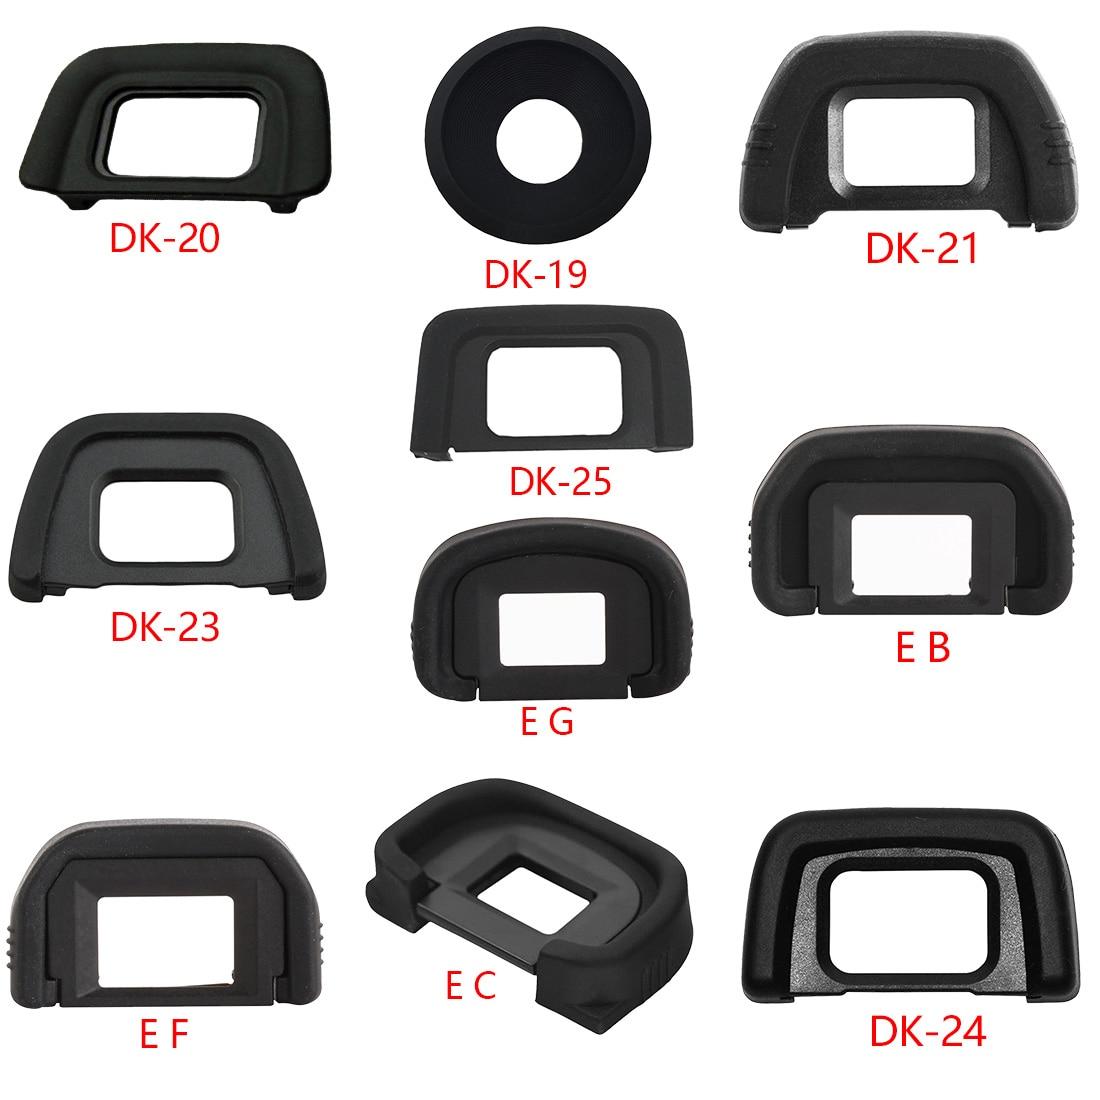 Новое поступление, высококачественный резиновый наглазник для Nikon, Canon, SLR, с чехлом для глаз, с рисунком в виде чашек для глаз, для Nikon, Canon, с ри...